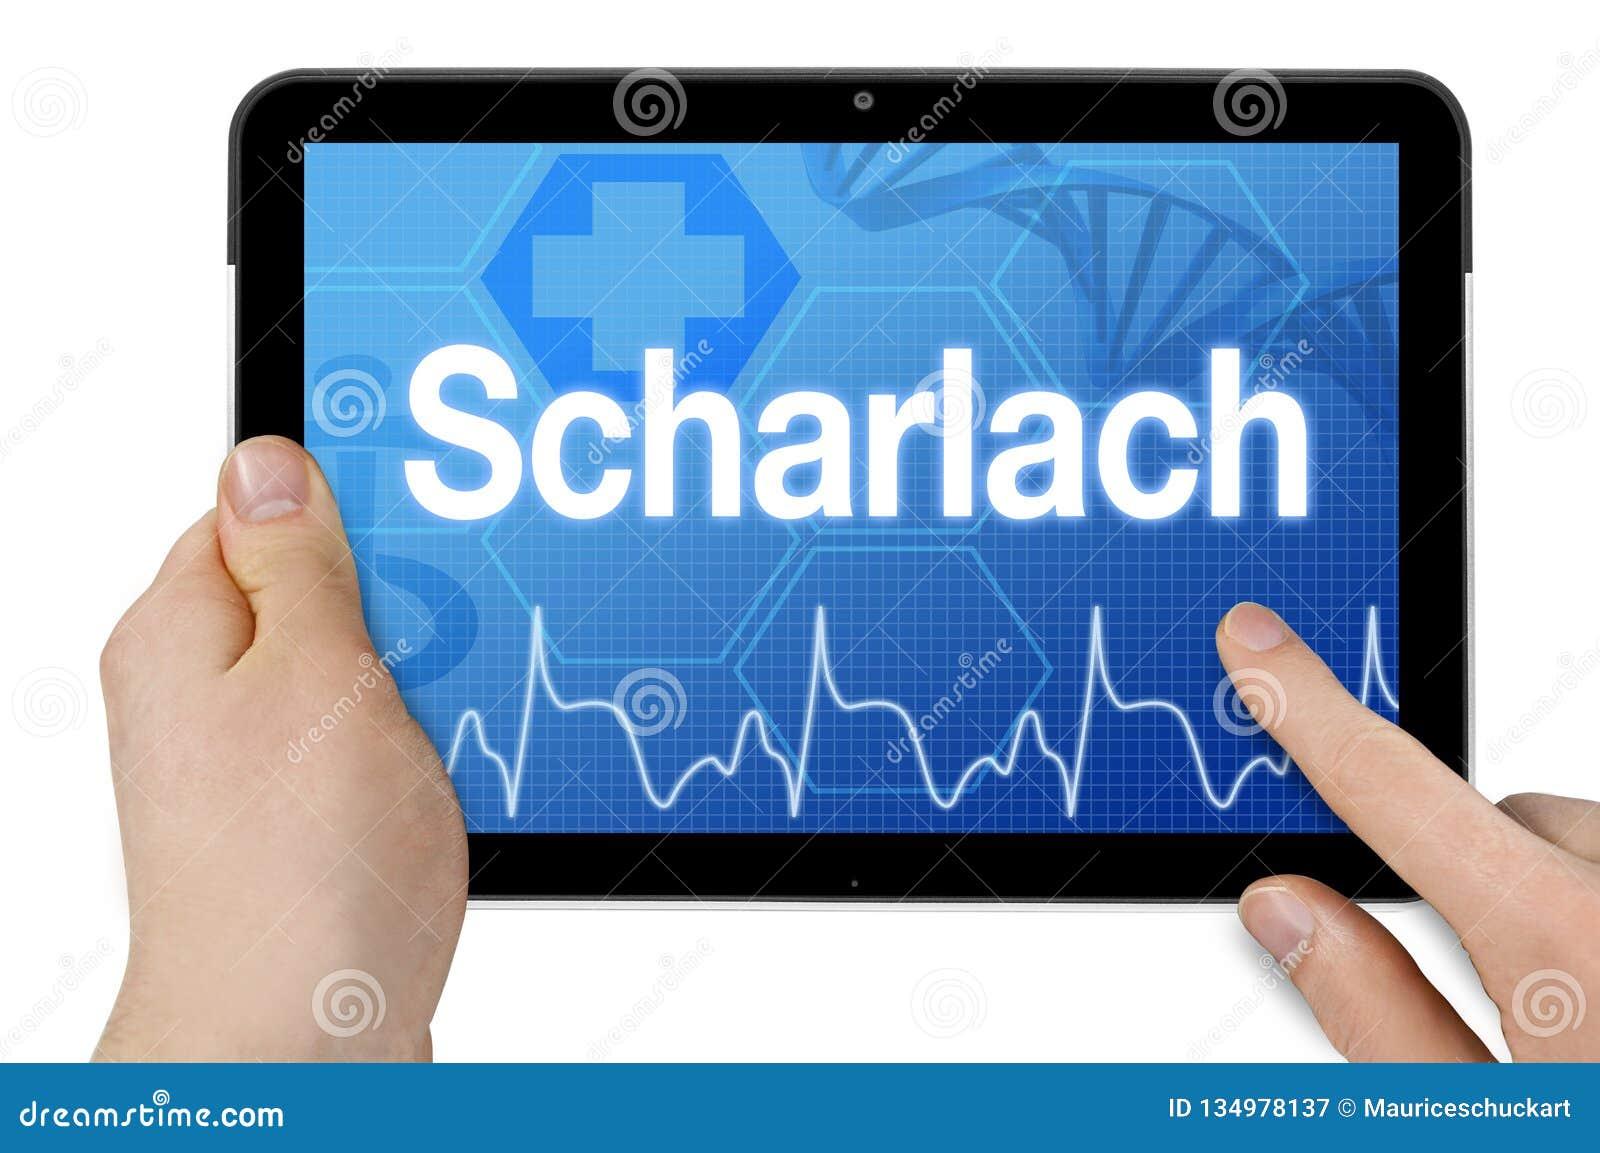 Tablet-Computer mit dem deutschen Wort für Scharlach - Scharlach